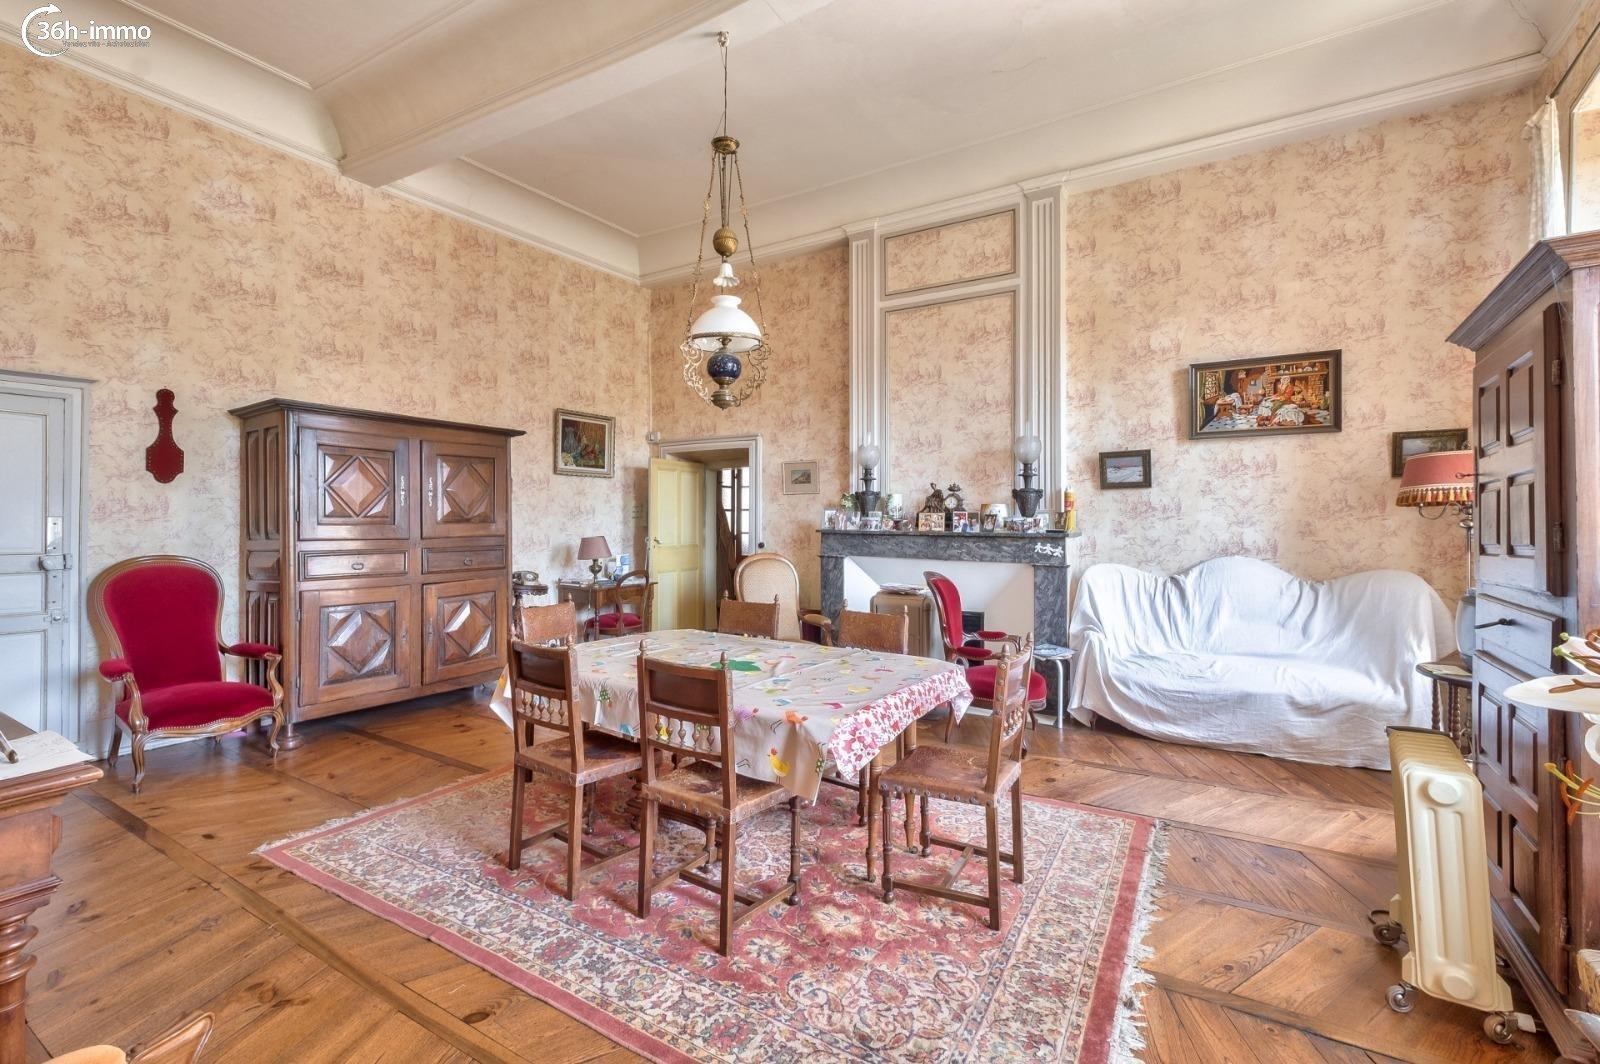 Maison Cahors 46000 Lot 900 m<sup>2</sup> 17 pi&eagrave;ces 778125 euros